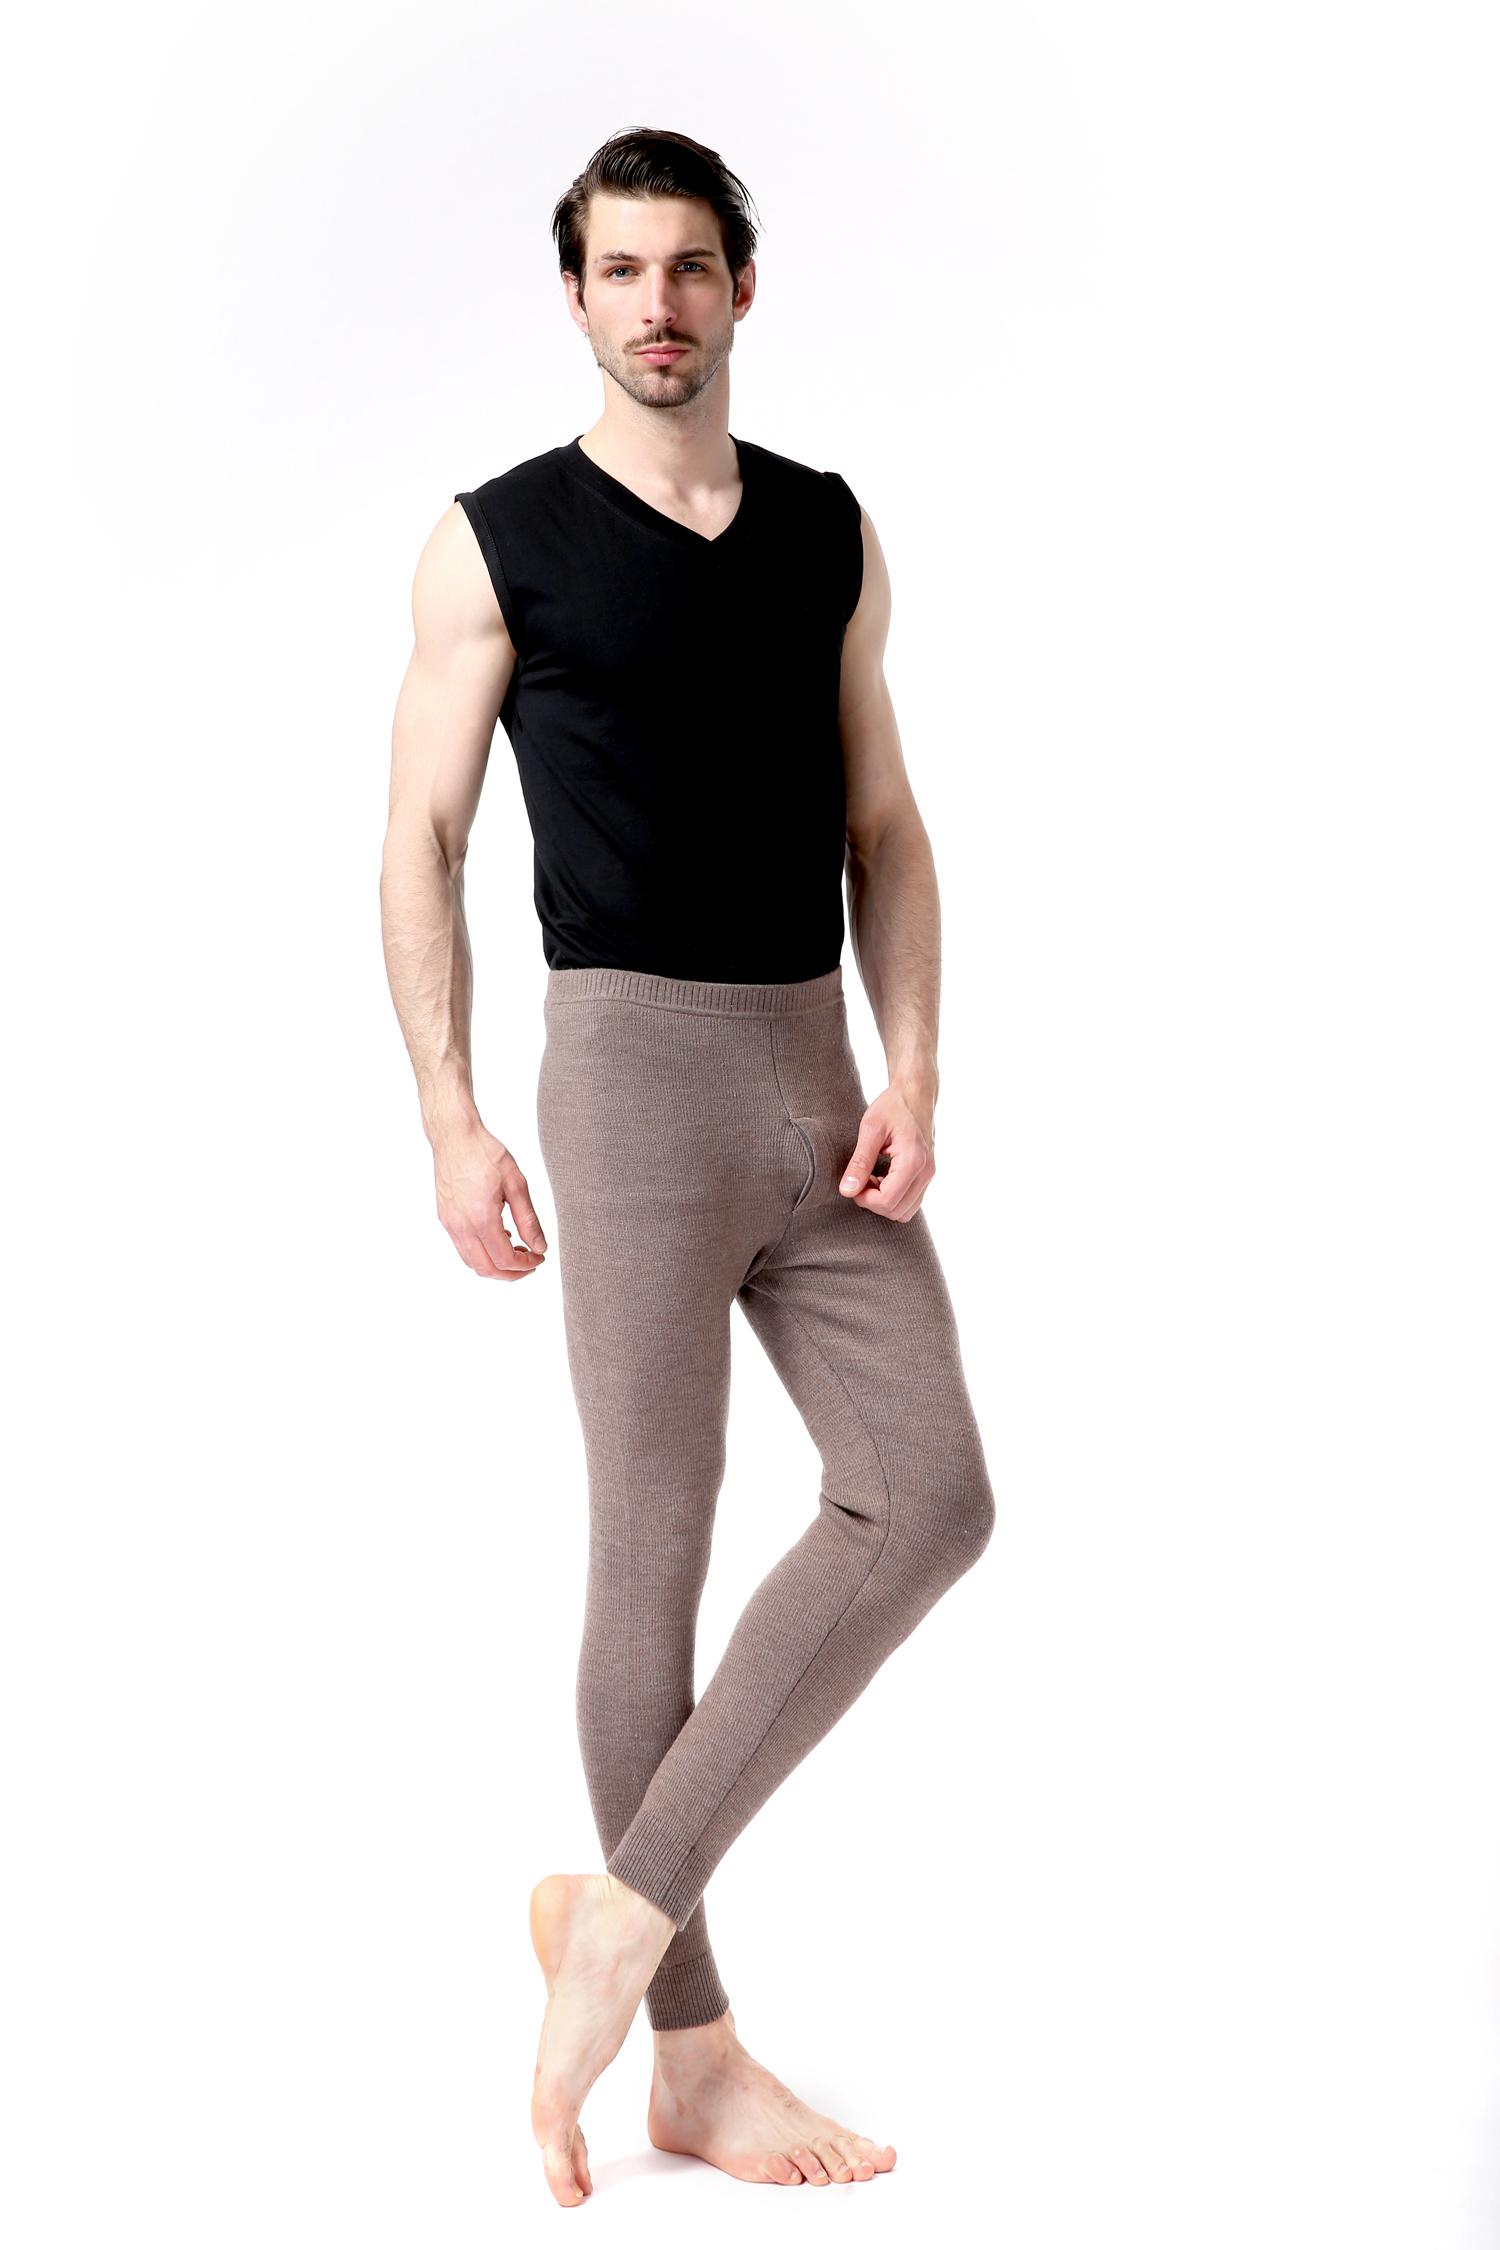 打底裤价位——在呼和浩特怎么买实用的都兰诺斯澳毛男抽条裤